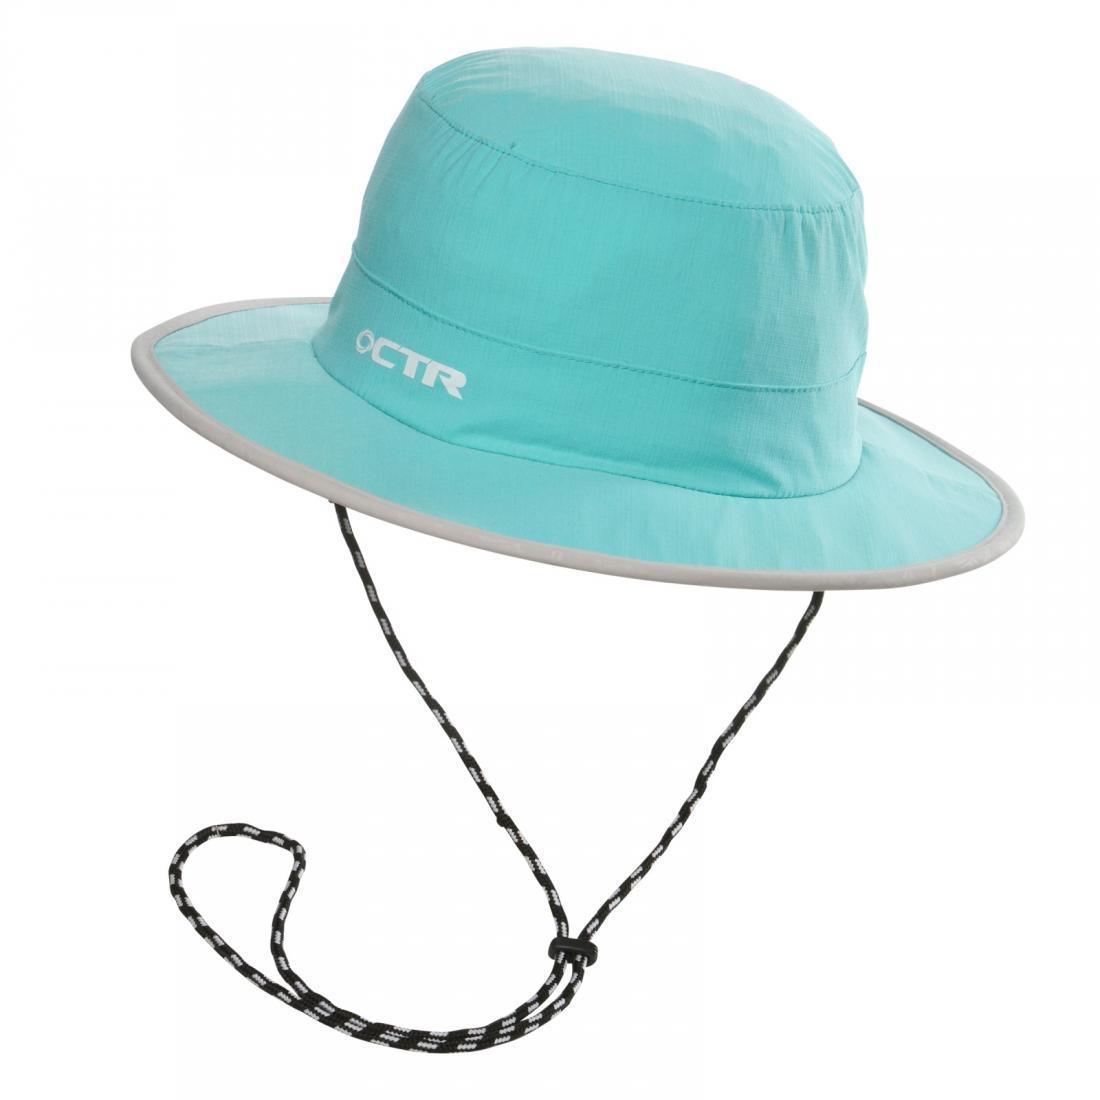 Панама Chaos  Summit Day Hat (женс)Панамы<br><br> Chaos Summit Day Hat — это оригинальная женская панама для яркого отдыха. Она привлекает внимание необычным дизайном, цветовым решением и формой полей. Эта модель идеально подходит для пляжного отдыха или длительных прогулок в ясную жаркую погоду.<br>...<br><br>Цвет: Голубой<br>Размер: S-M